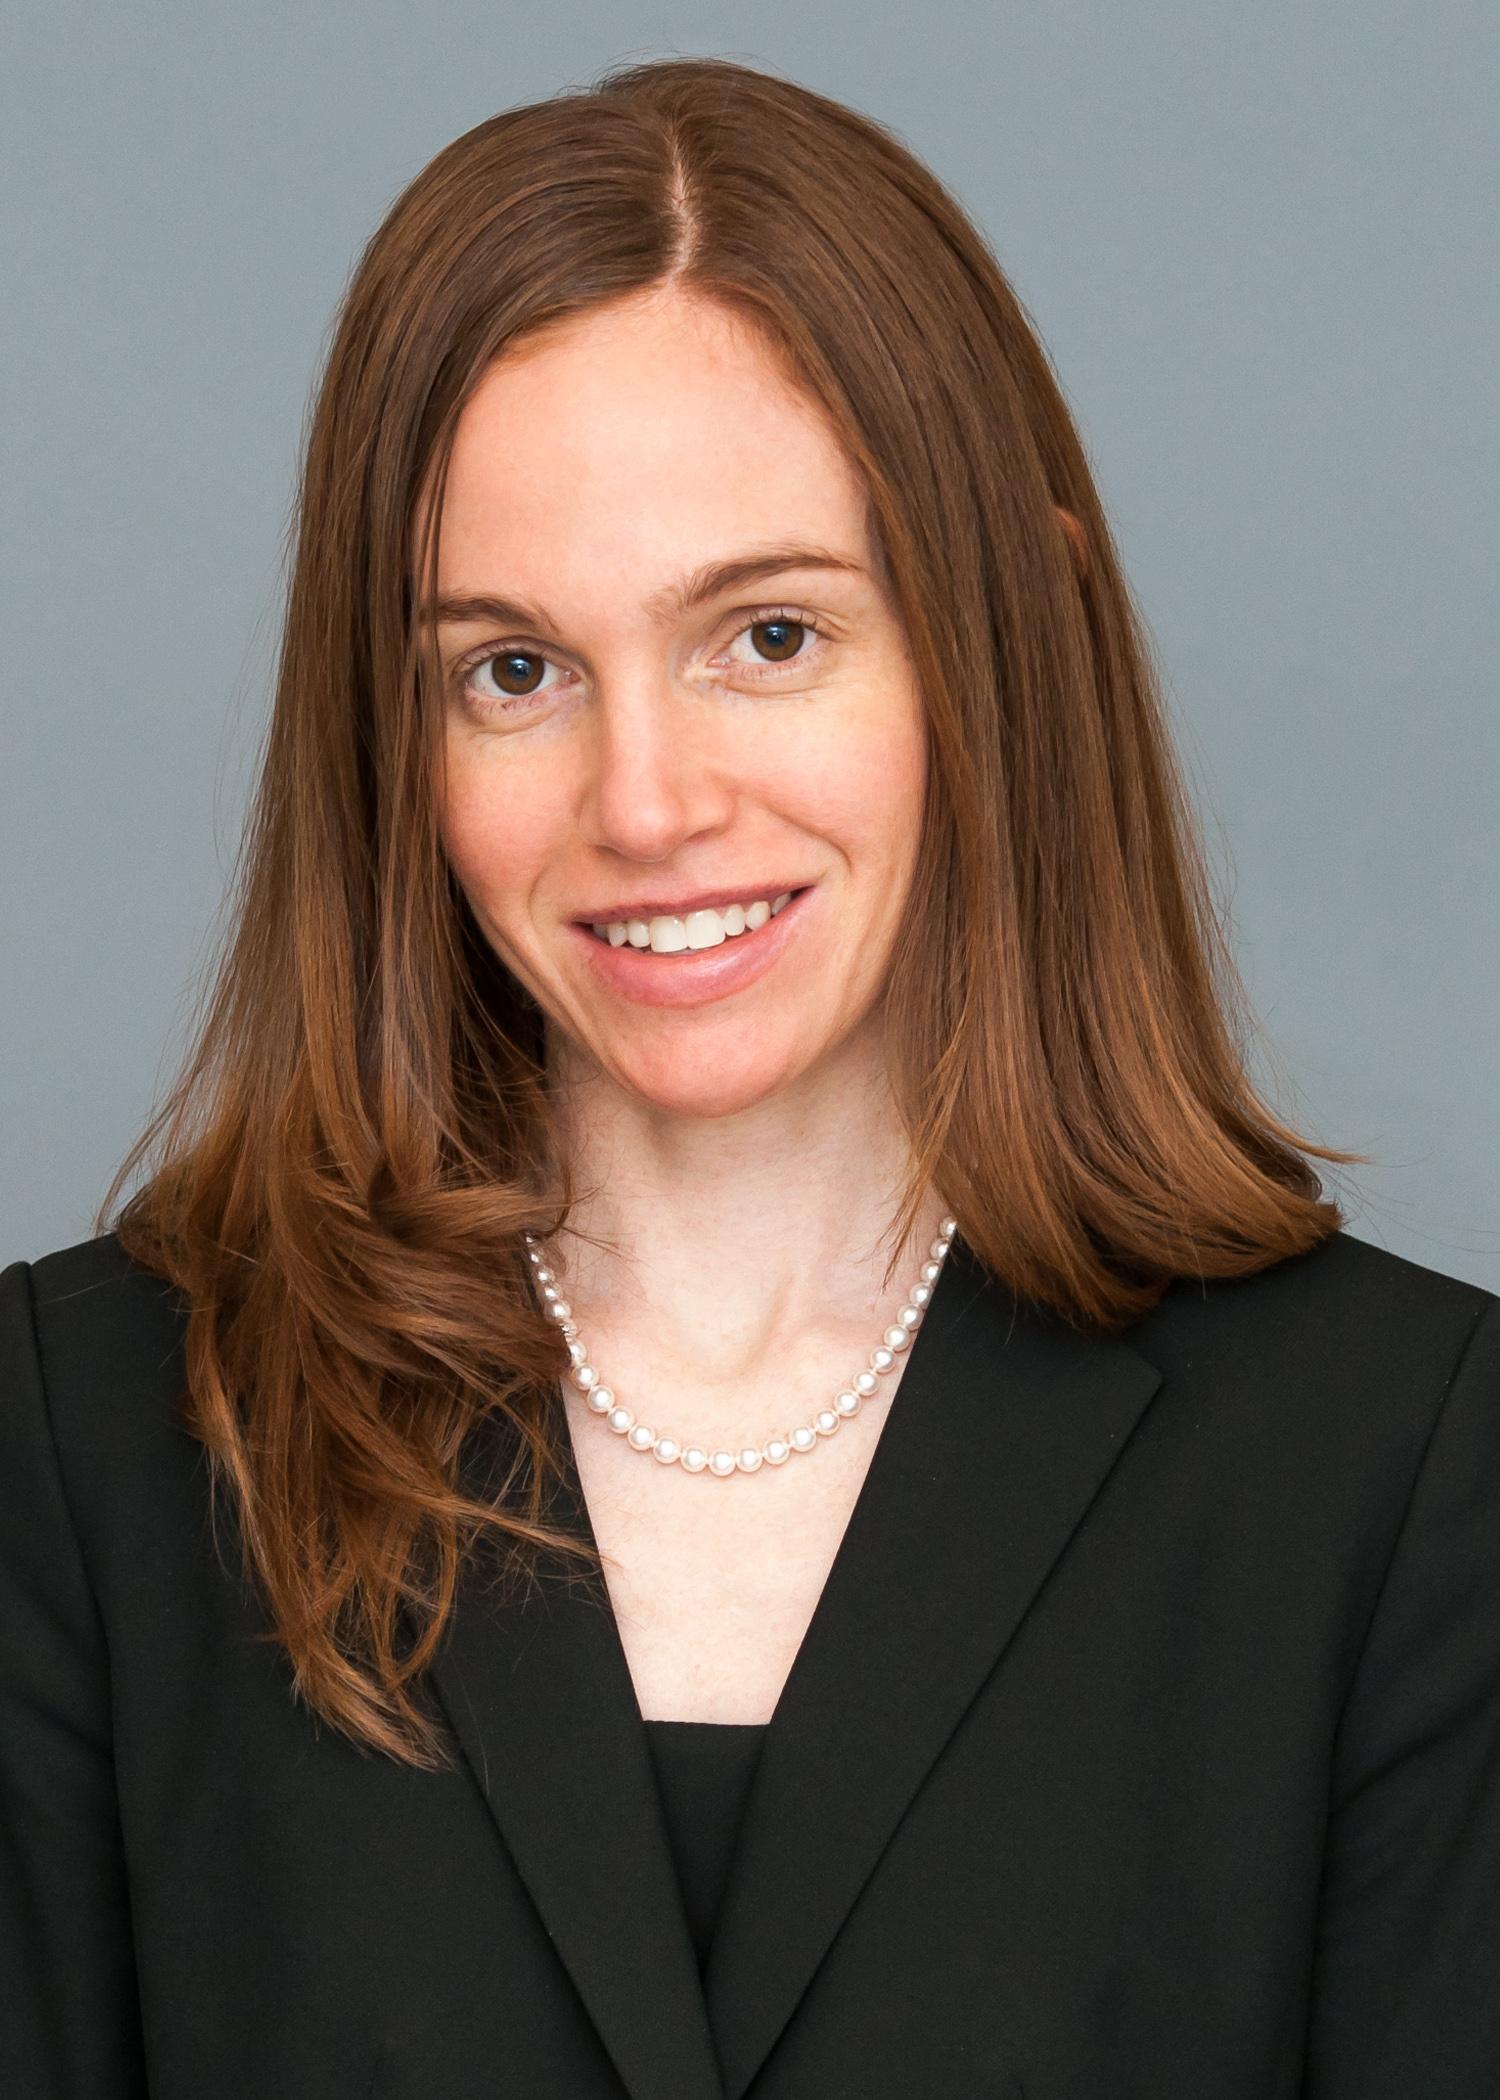 Shannon O'Sullivan, Board Member